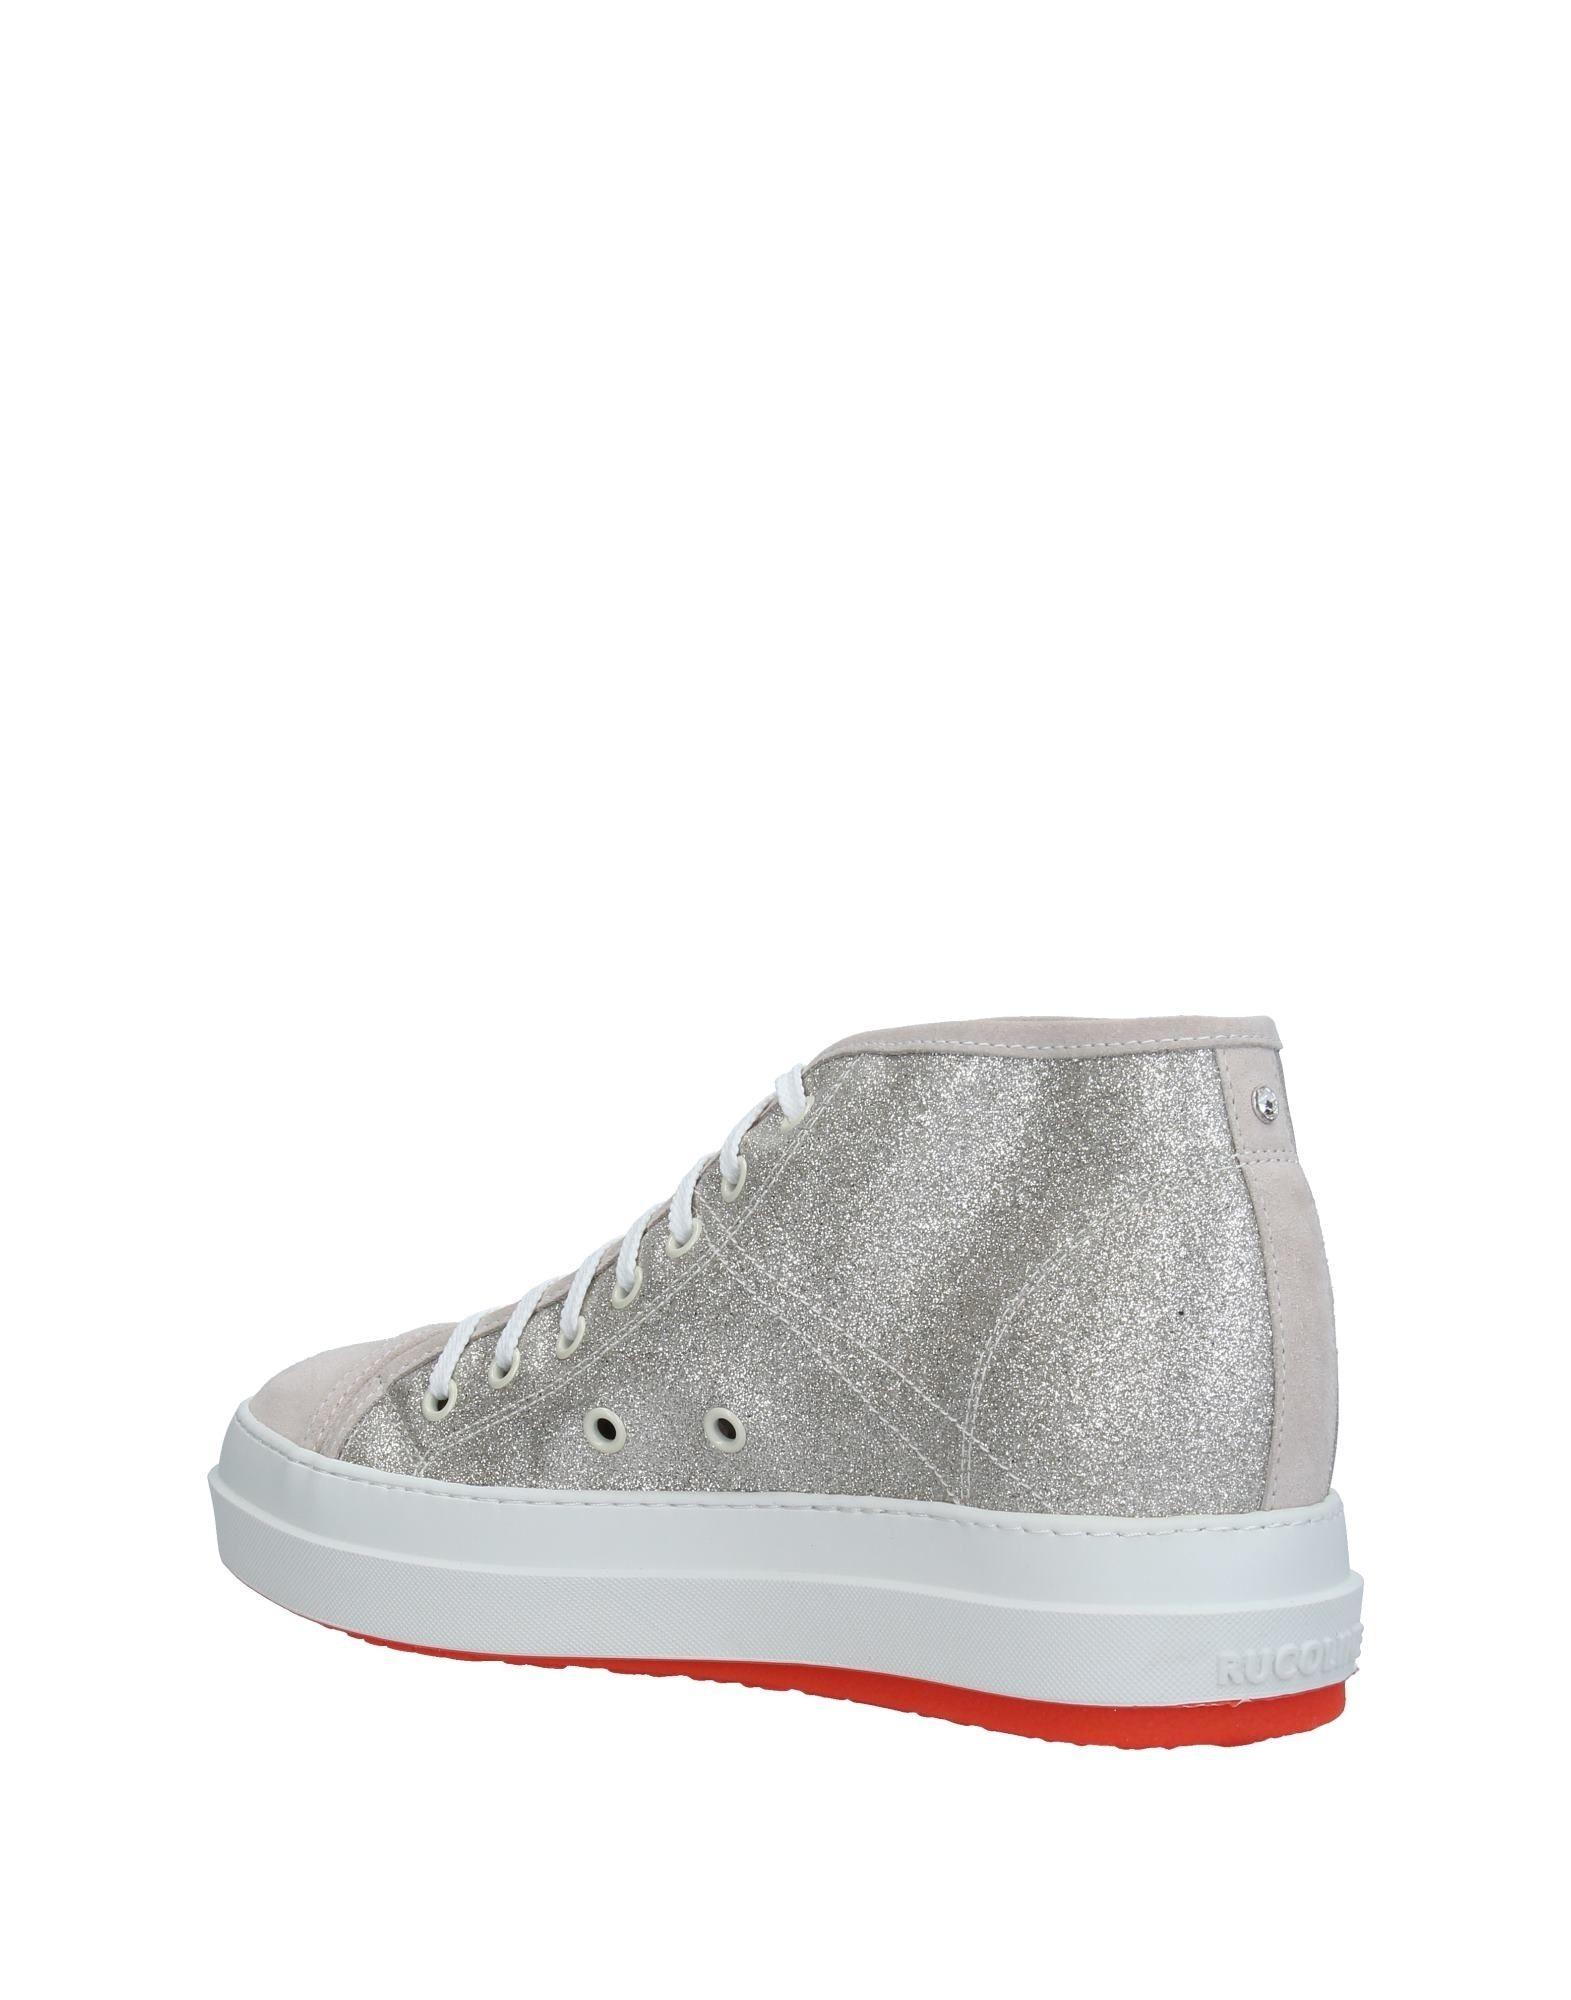 Ruco Line Sneakers Qualität Damen  11333536RH Gute Qualität Sneakers beliebte Schuhe 7a4683